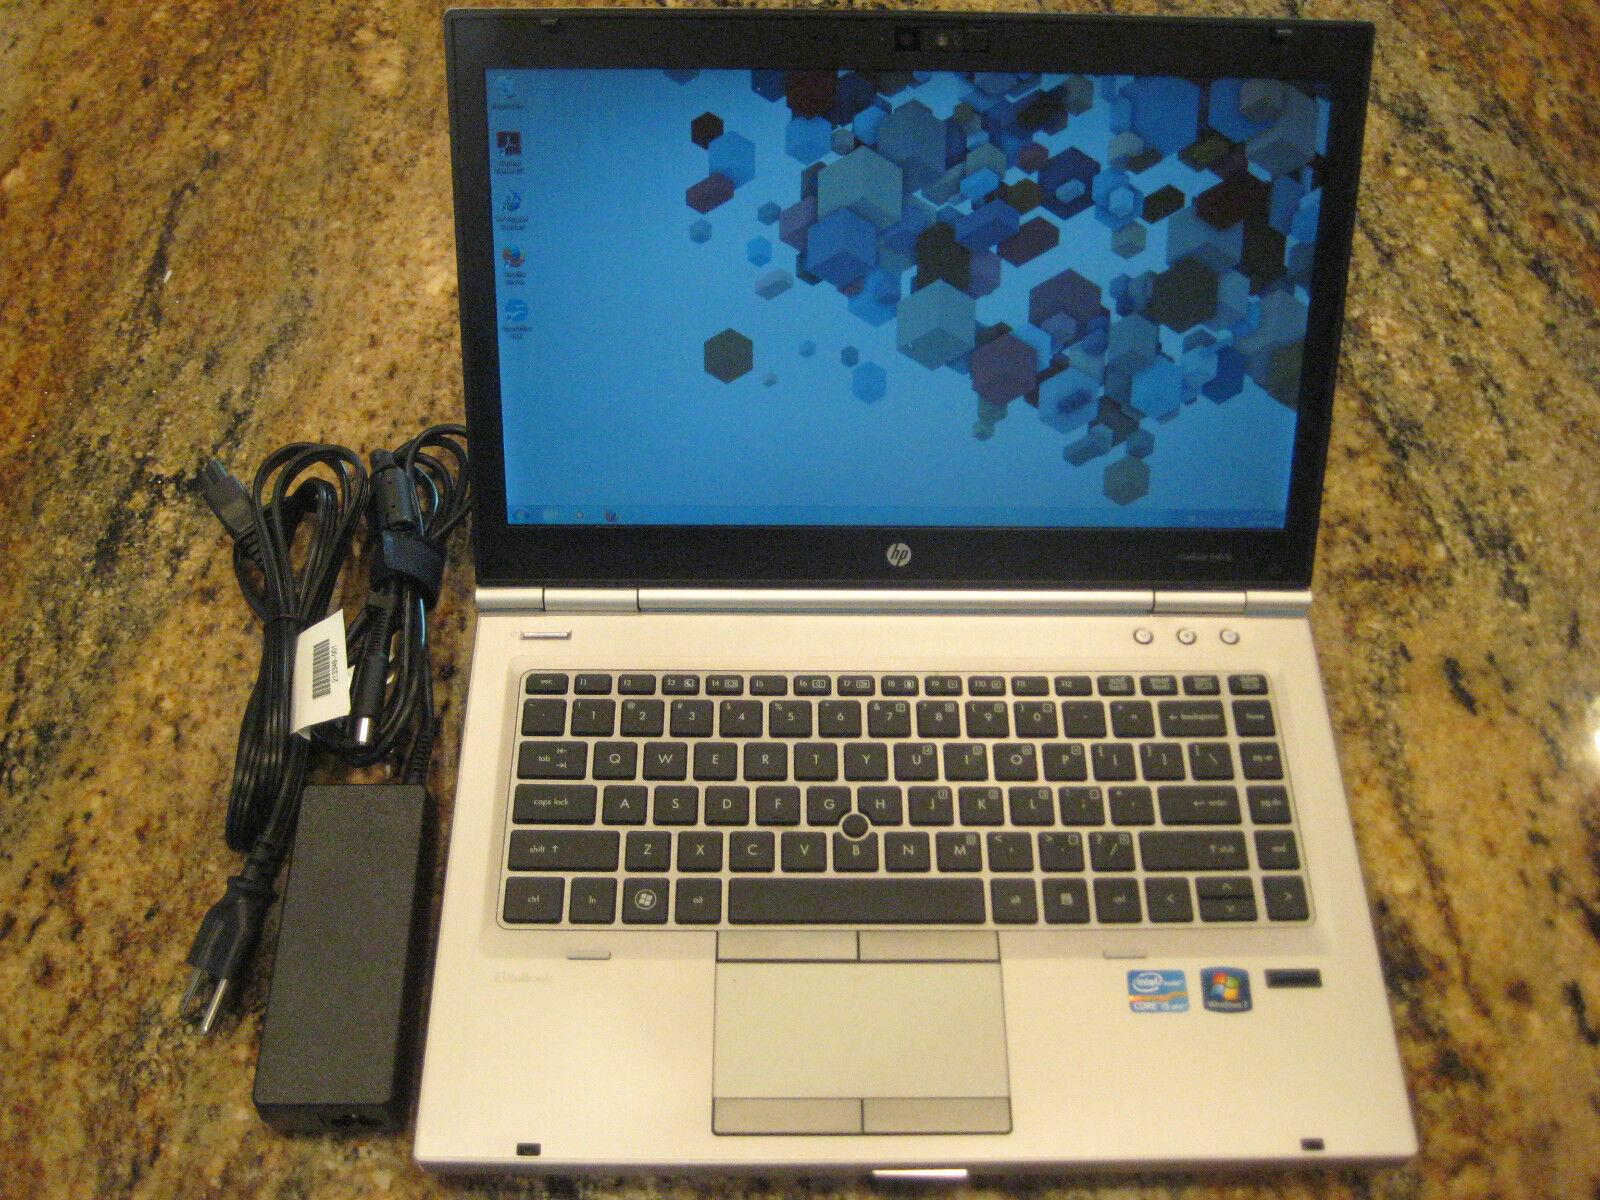 HP 8460p LAPTOP WINDOWS 7 PRO i5 8GB 320GB CDRW/DVD WIFI WEBCAM NOTEBOOK 8440p 1